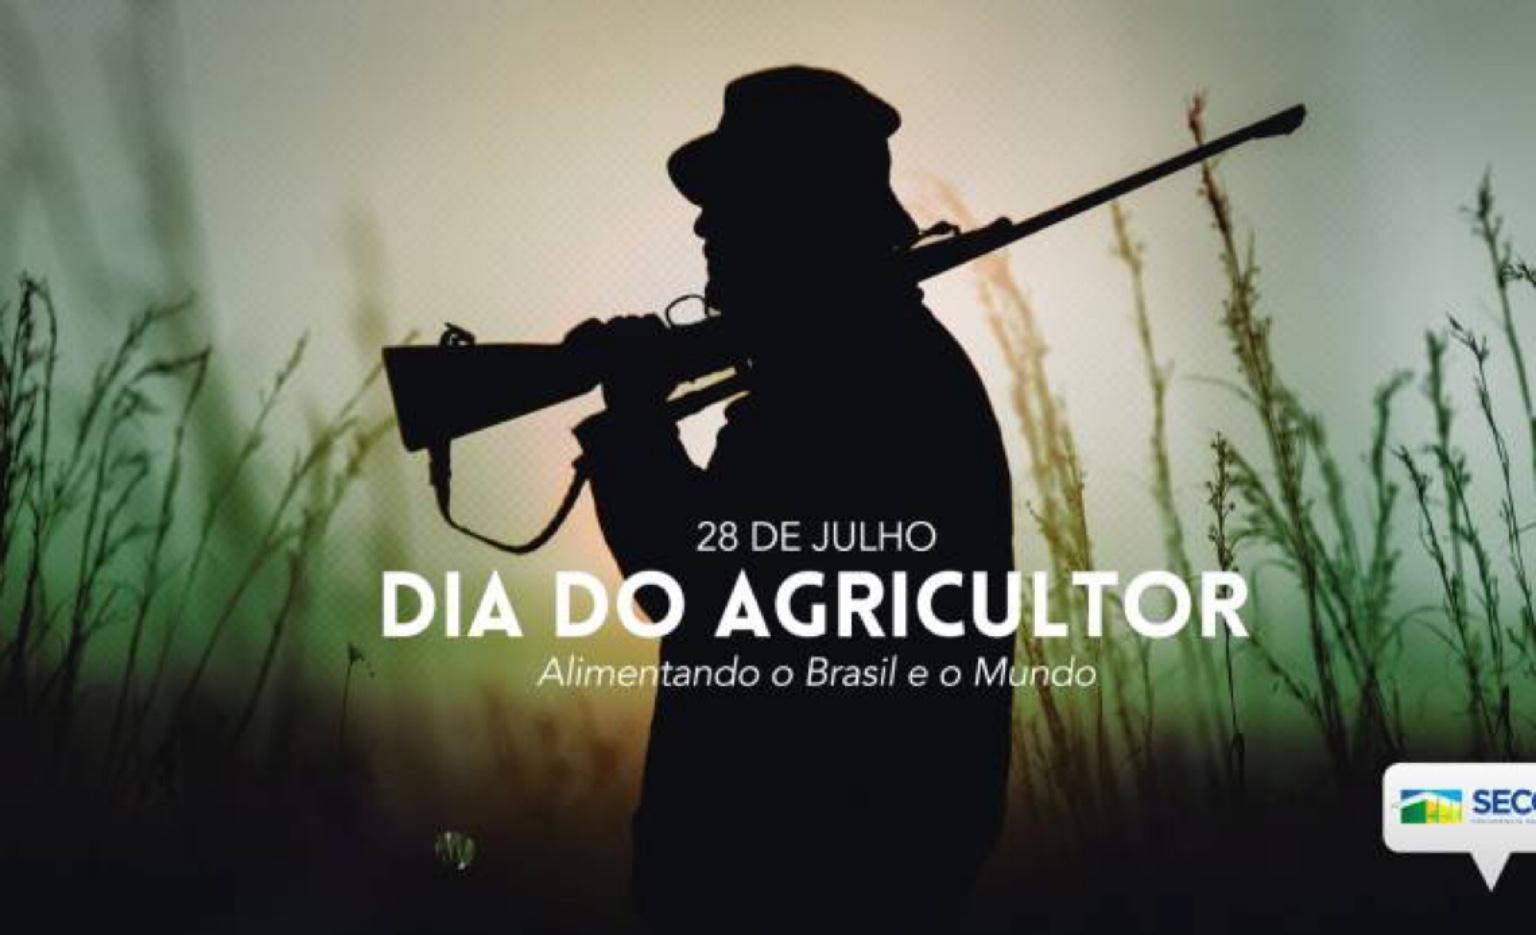 Agricultor ou caçador?